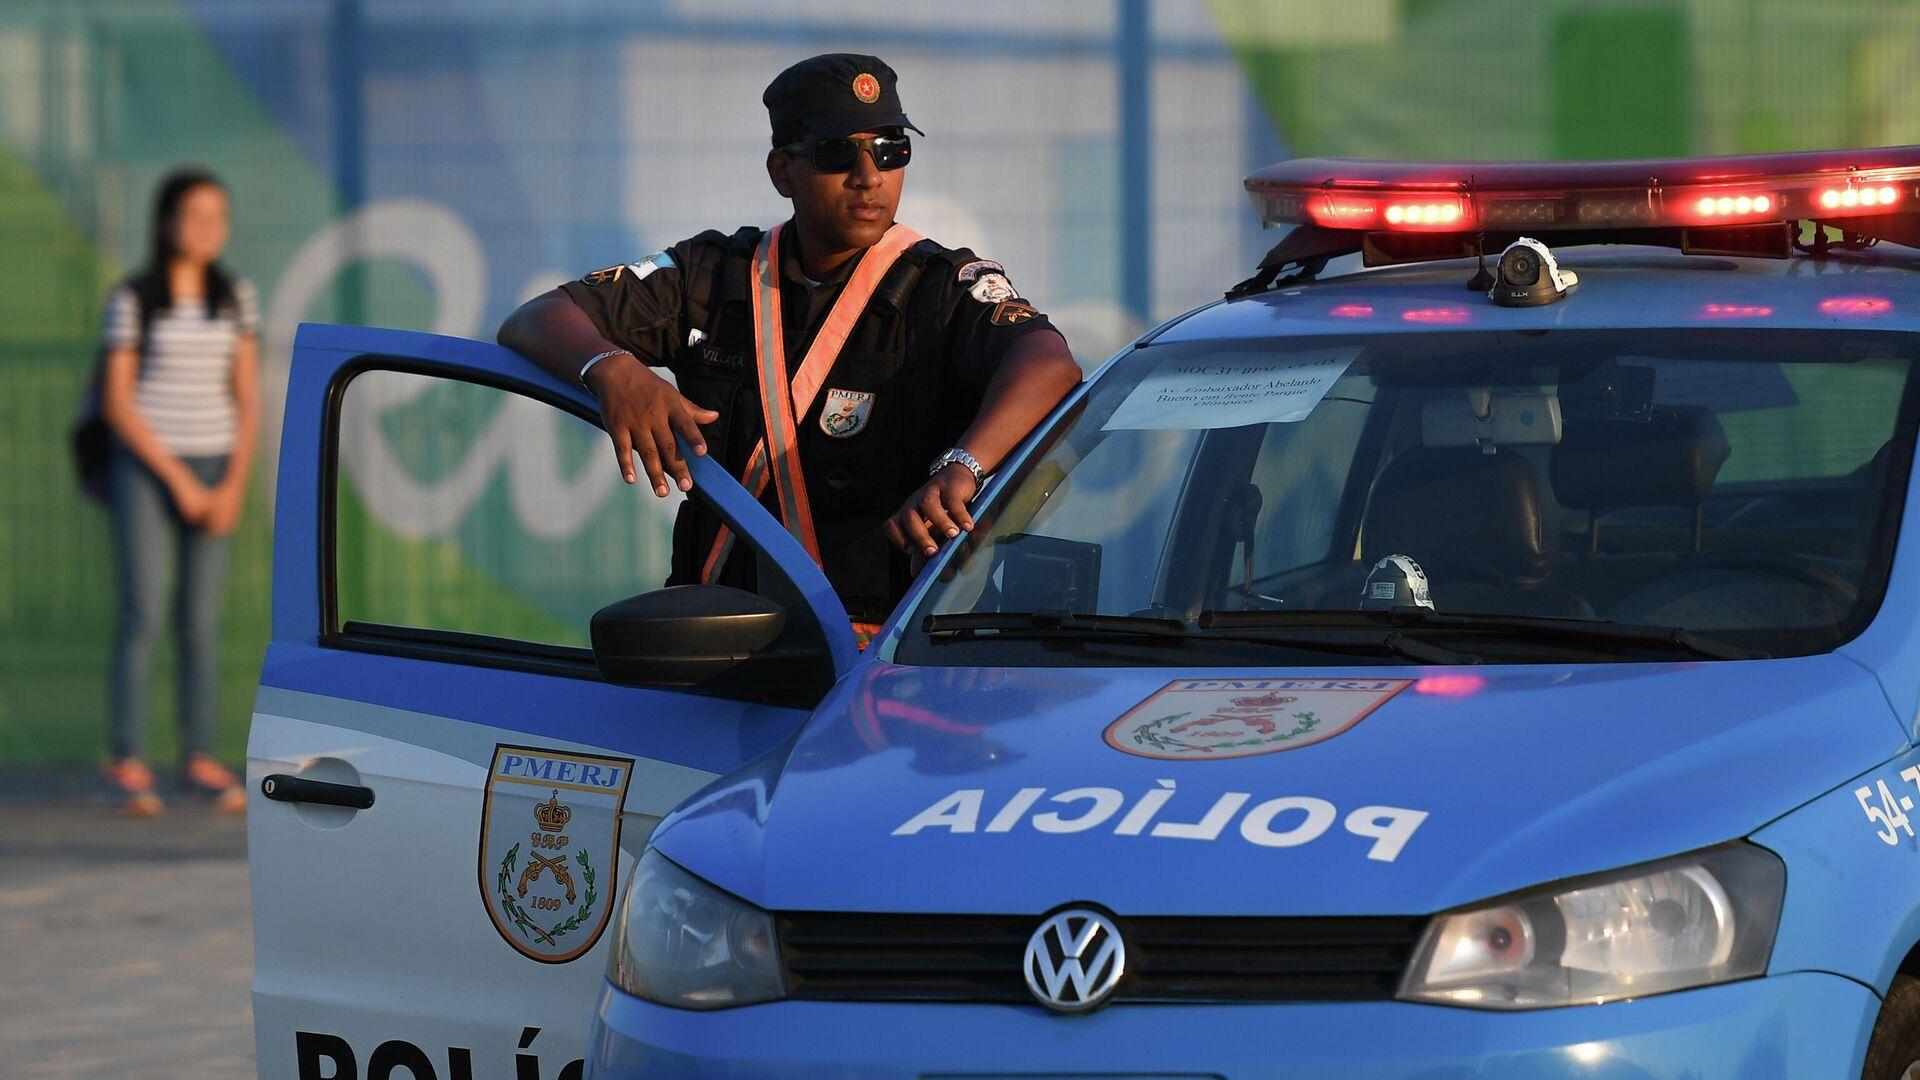 Полицейский в Рио-де-Жанейро - РИА Новости, 1920, 06.05.2021